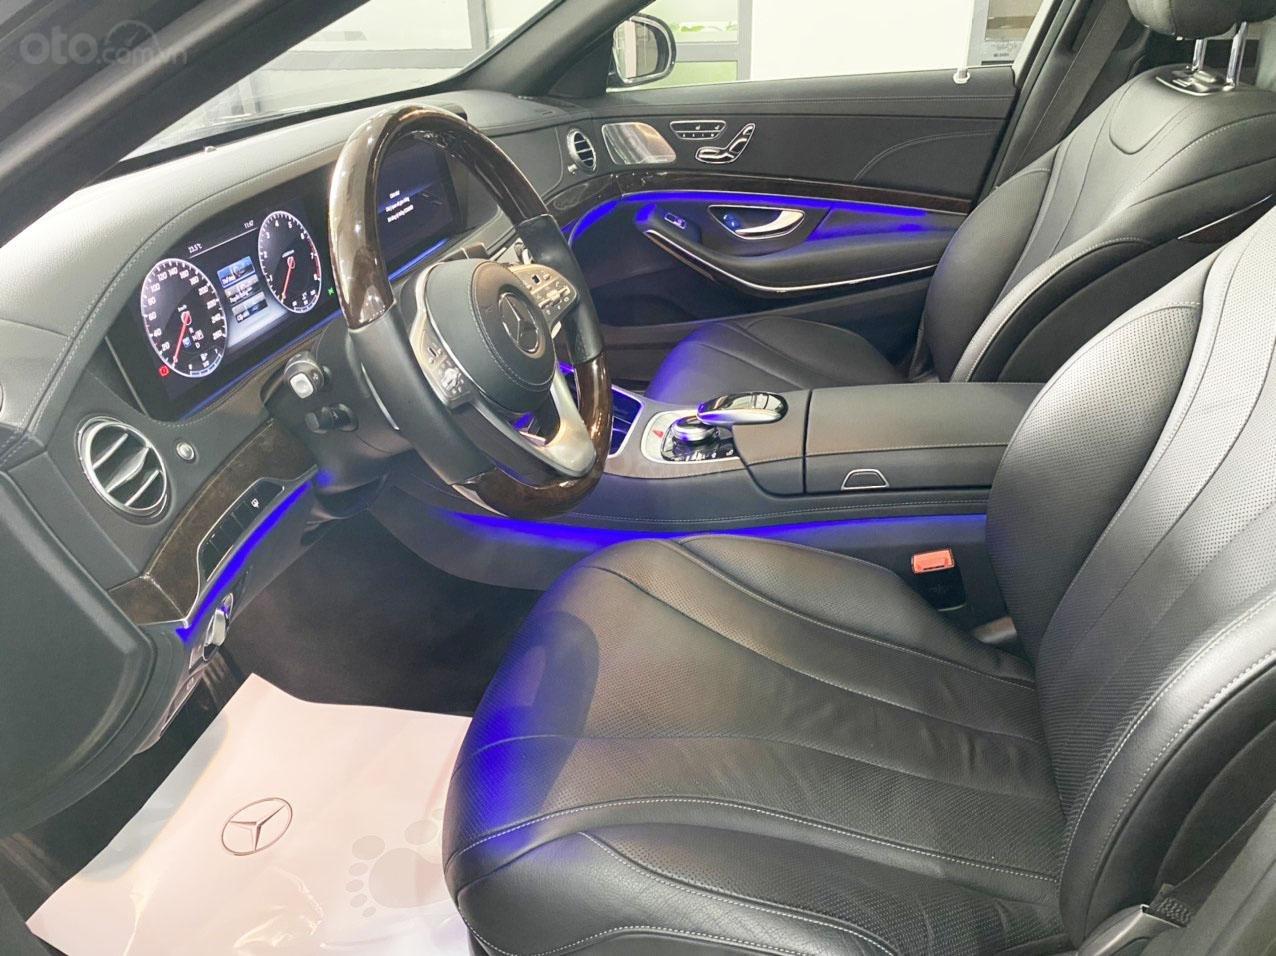 Mercedes S450L Model 2019, giá hót nhất Hà Nội, hỗ trợ tài chính 70%, giao xe ngay (5)